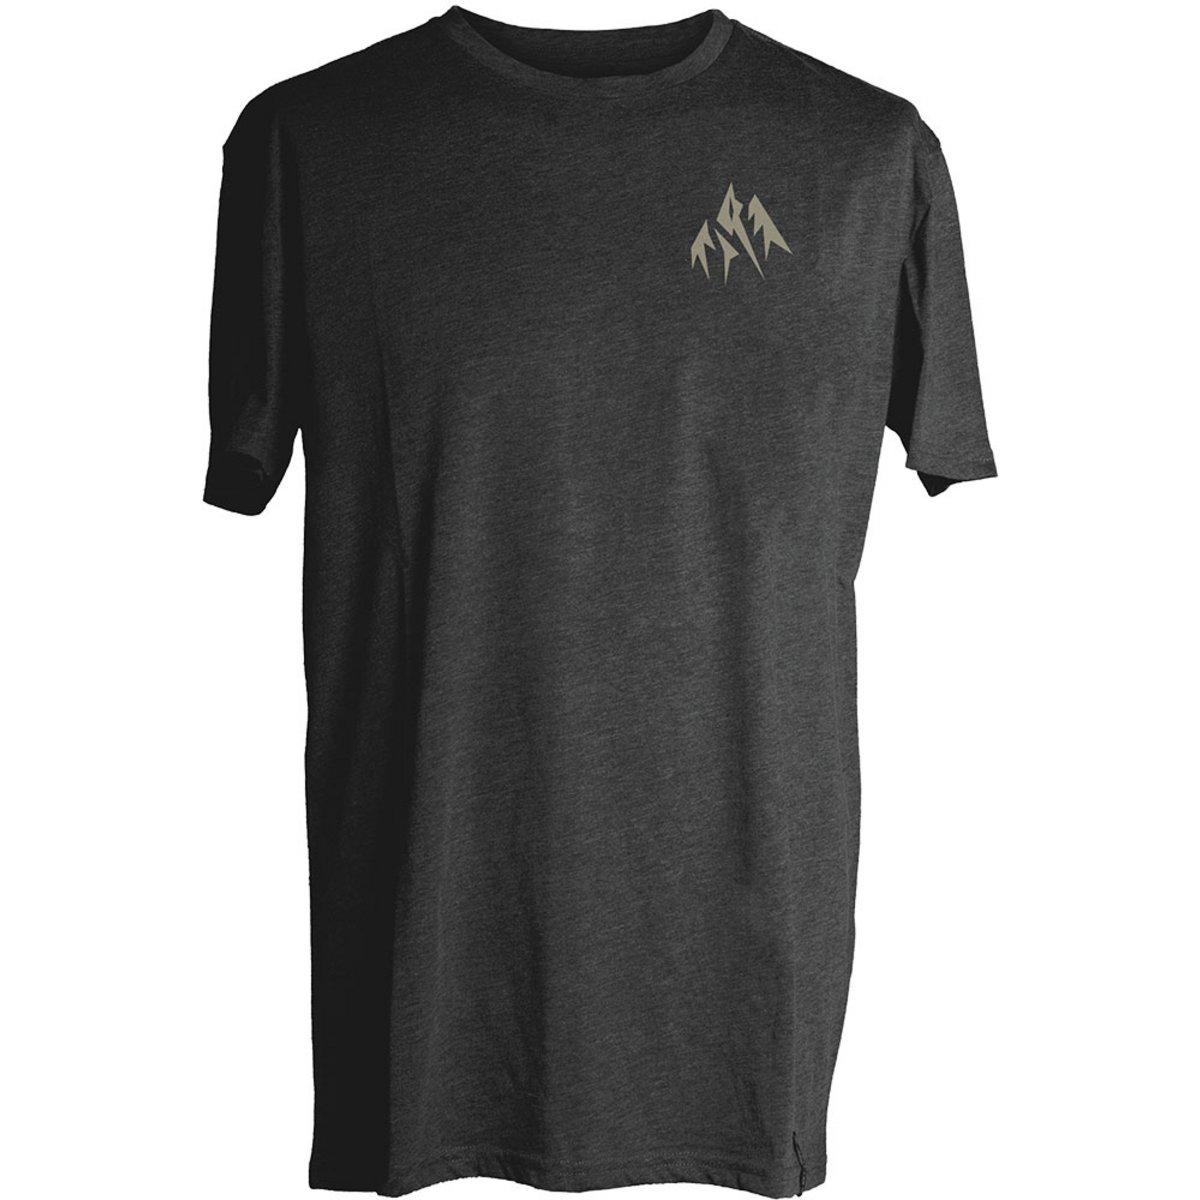 Jones Men's Mountain Journey T-Shirt 0